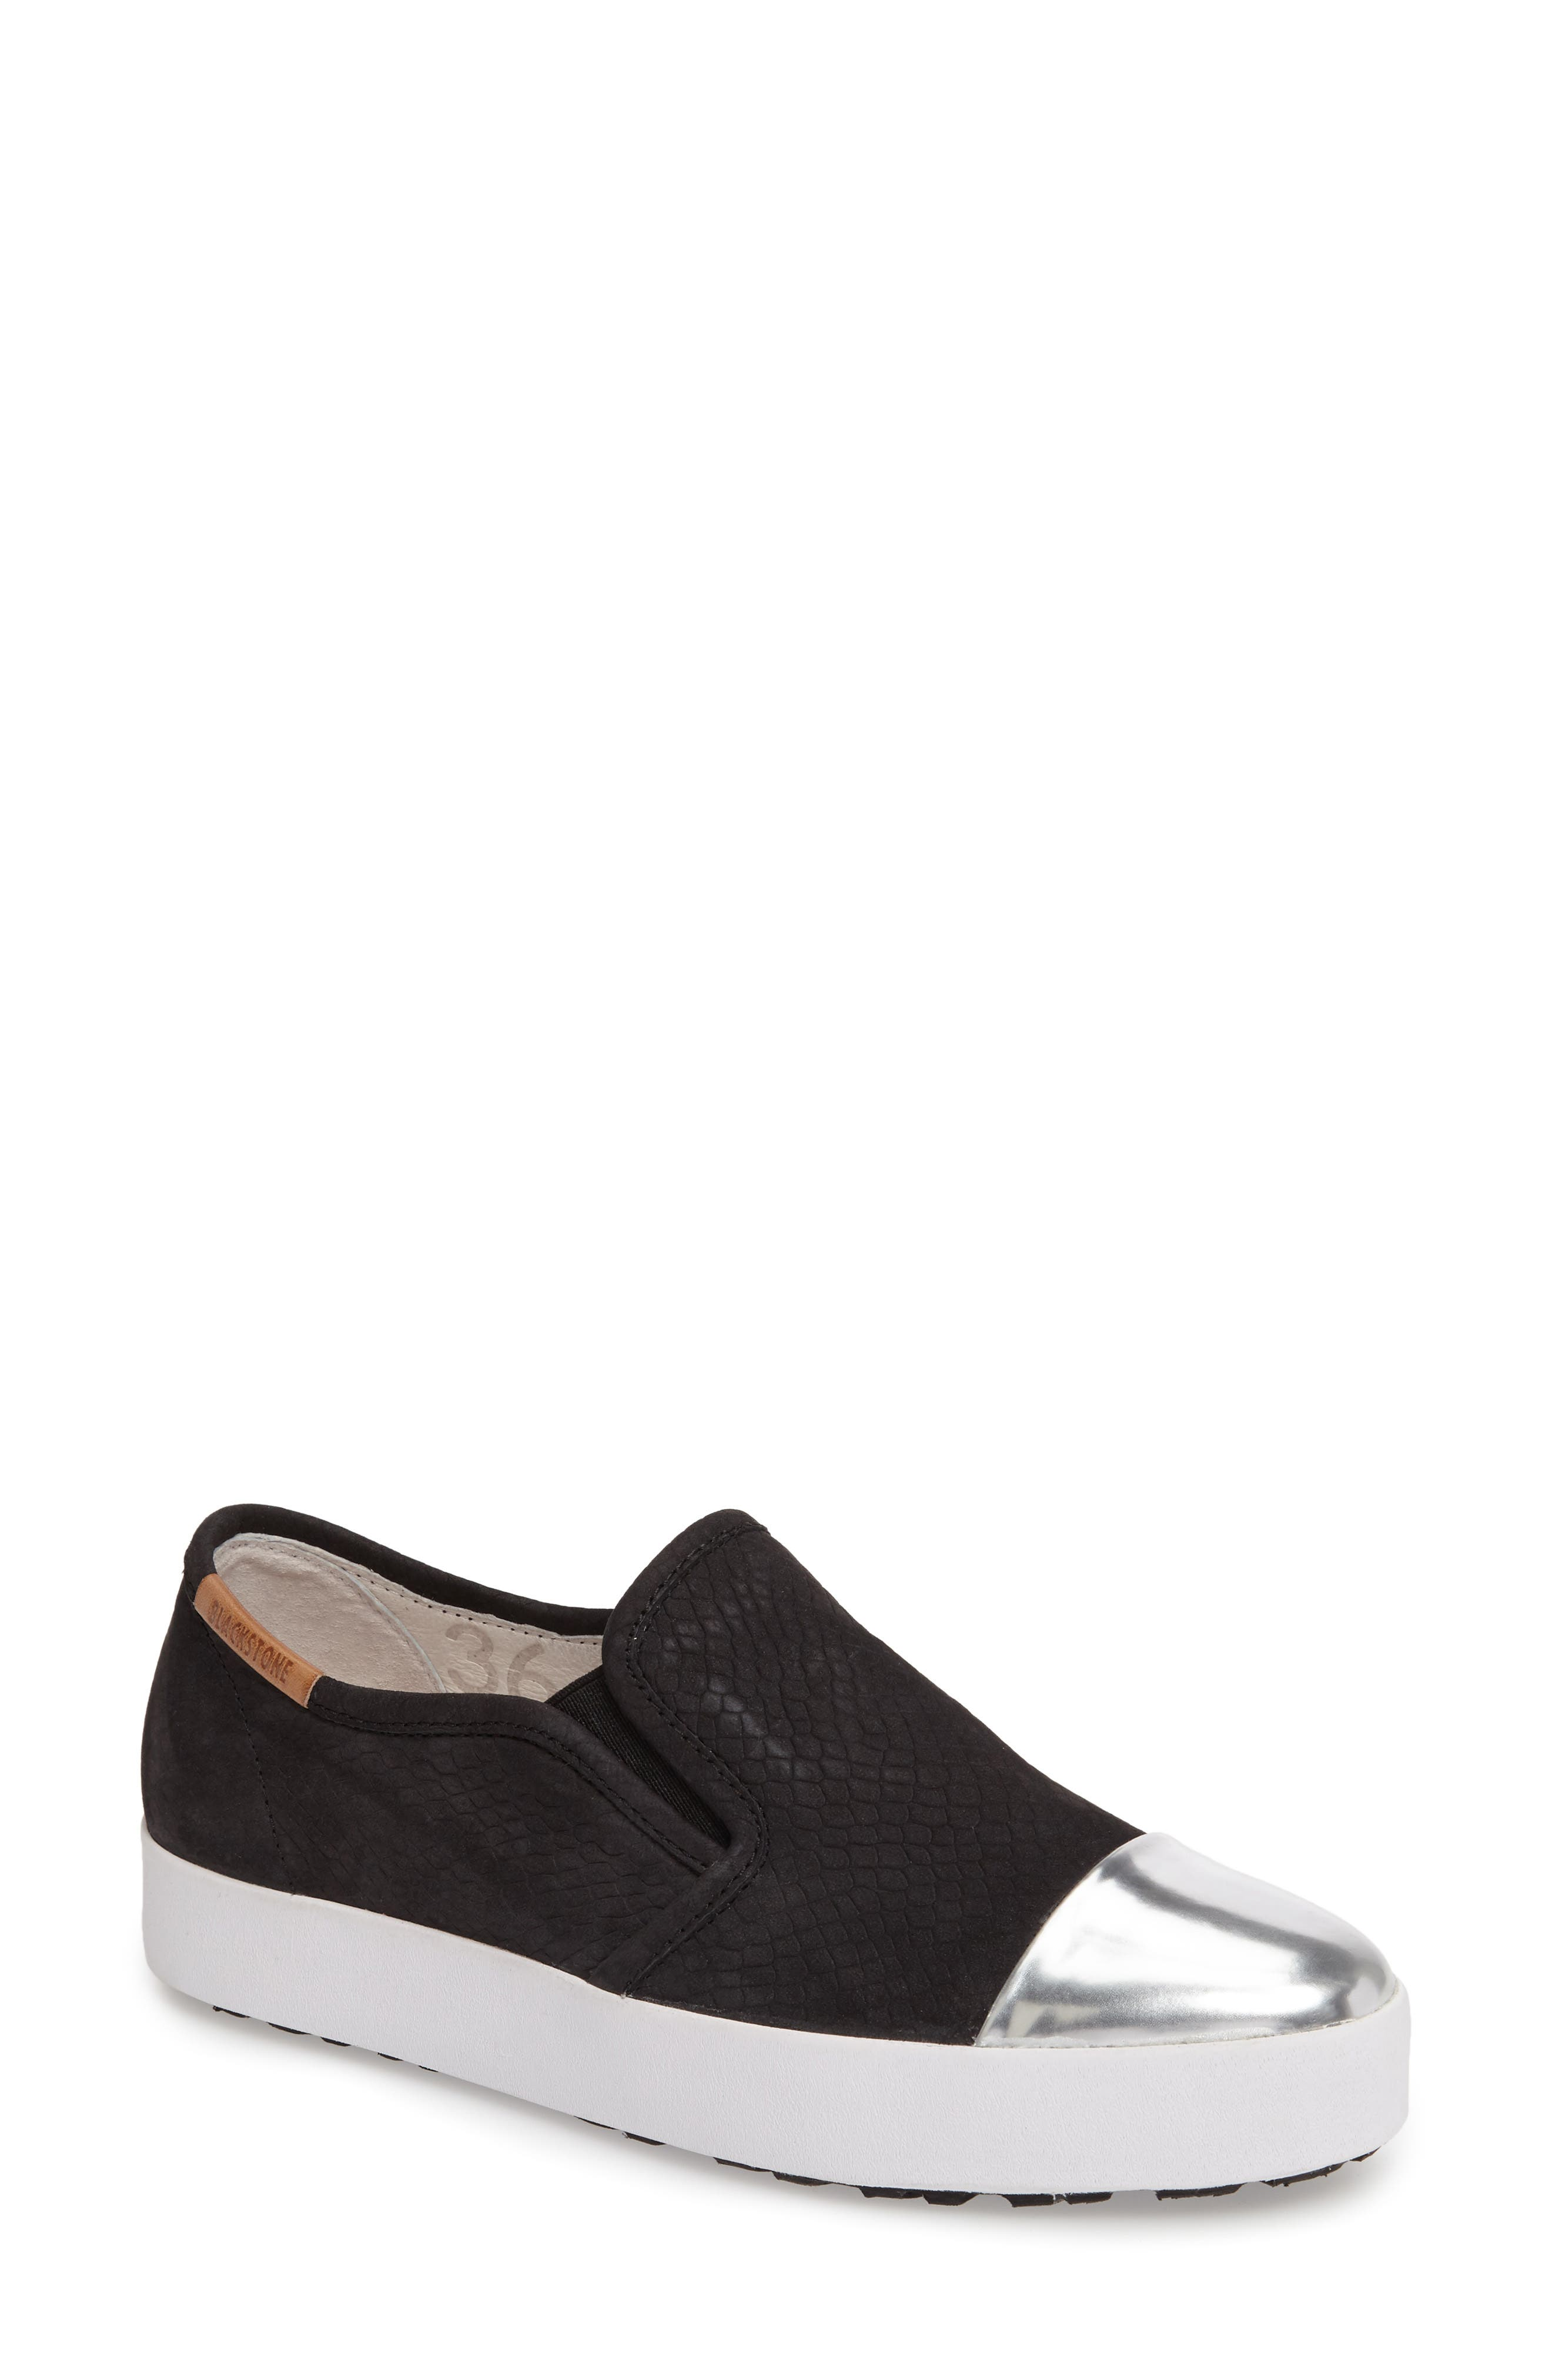 NL47 Slip-On Sneaker,                         Main,                         color, 001